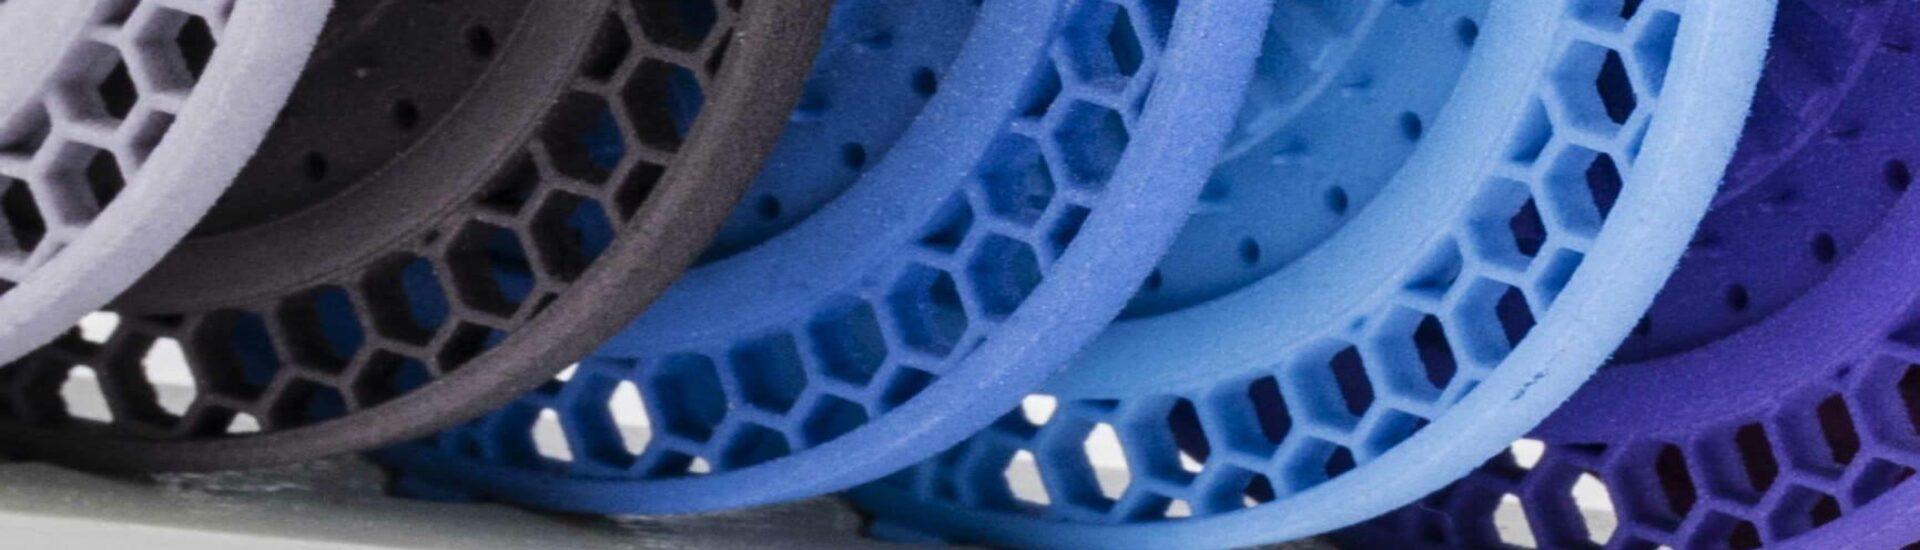 Oceanz Blauw En 3D Printen